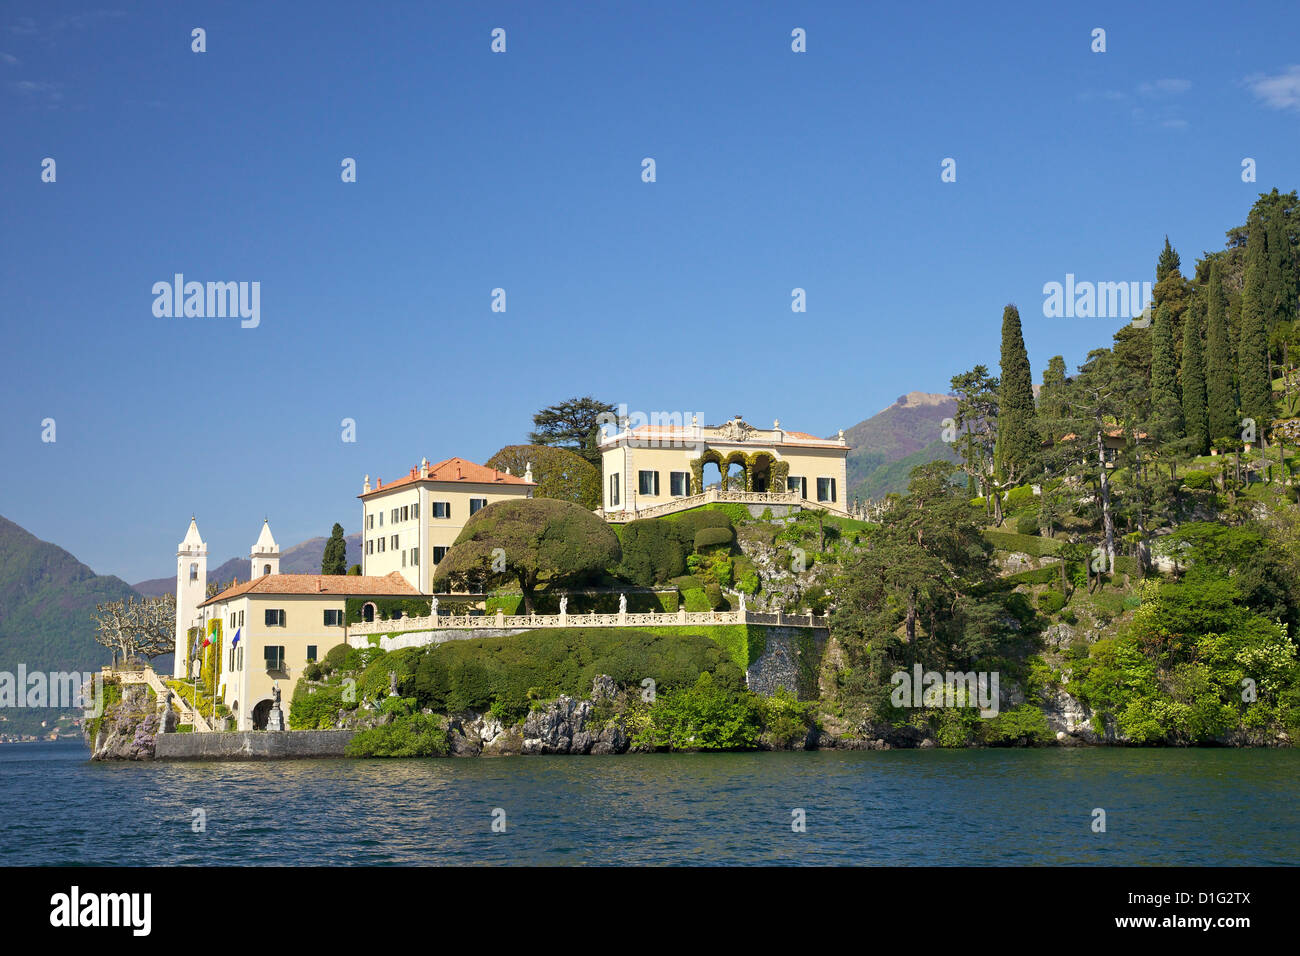 Villa del Balbianello auf Punta di Lavedo im Frühling Sonnenschein, Comer See, italienische Seen, Italien, Stockbild